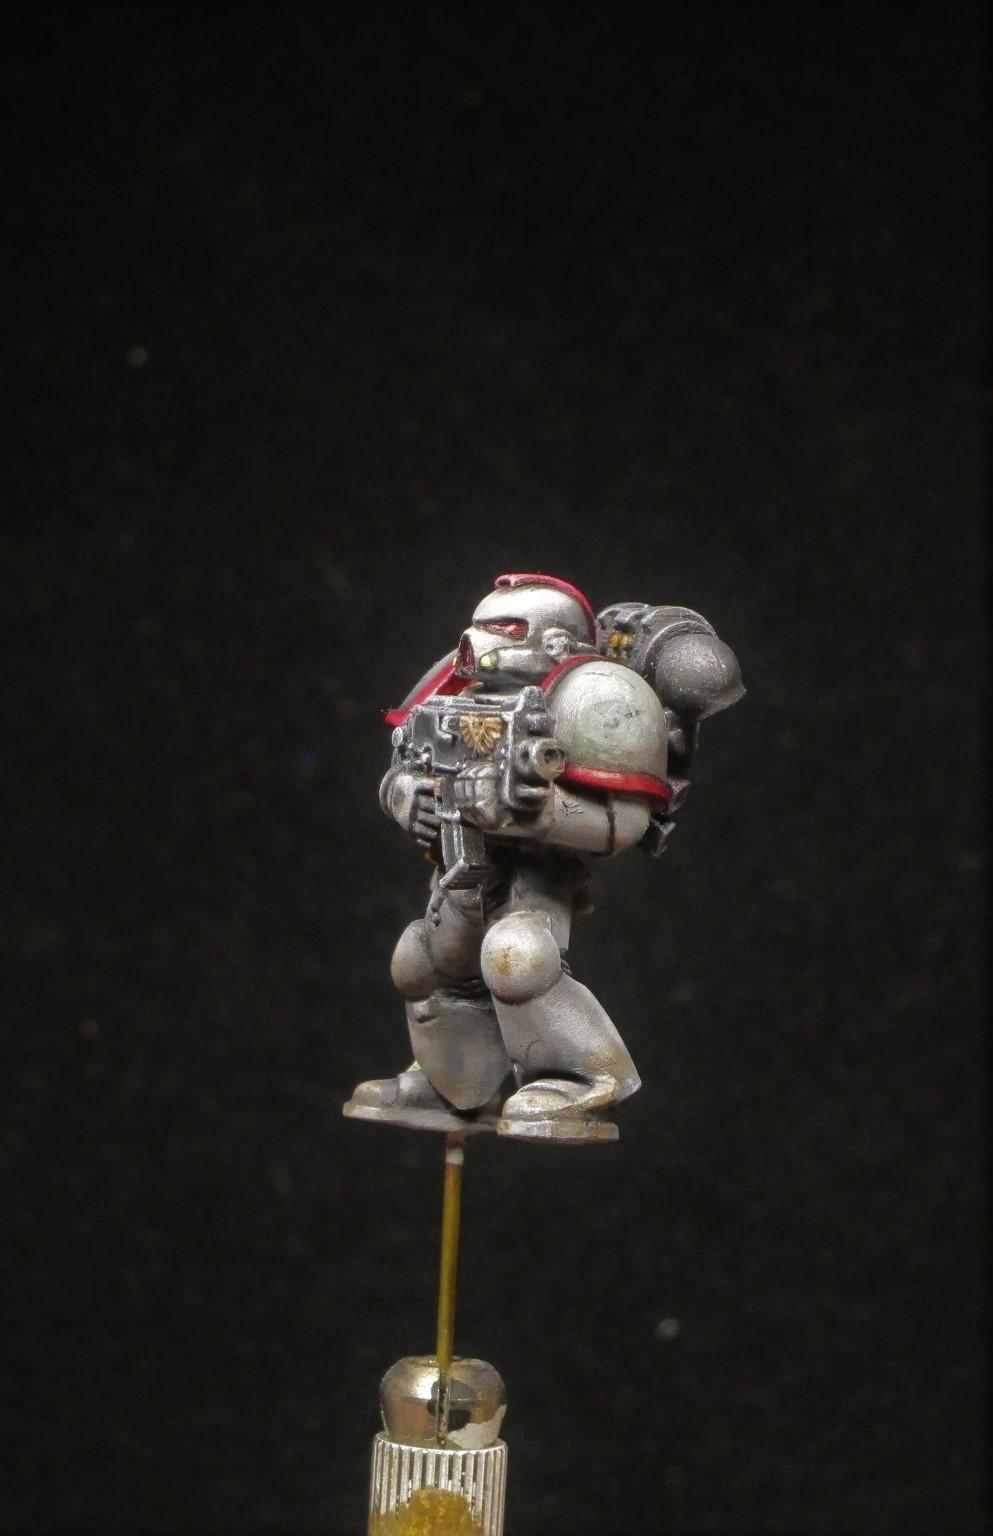 essai peinture warhammer Img_1217